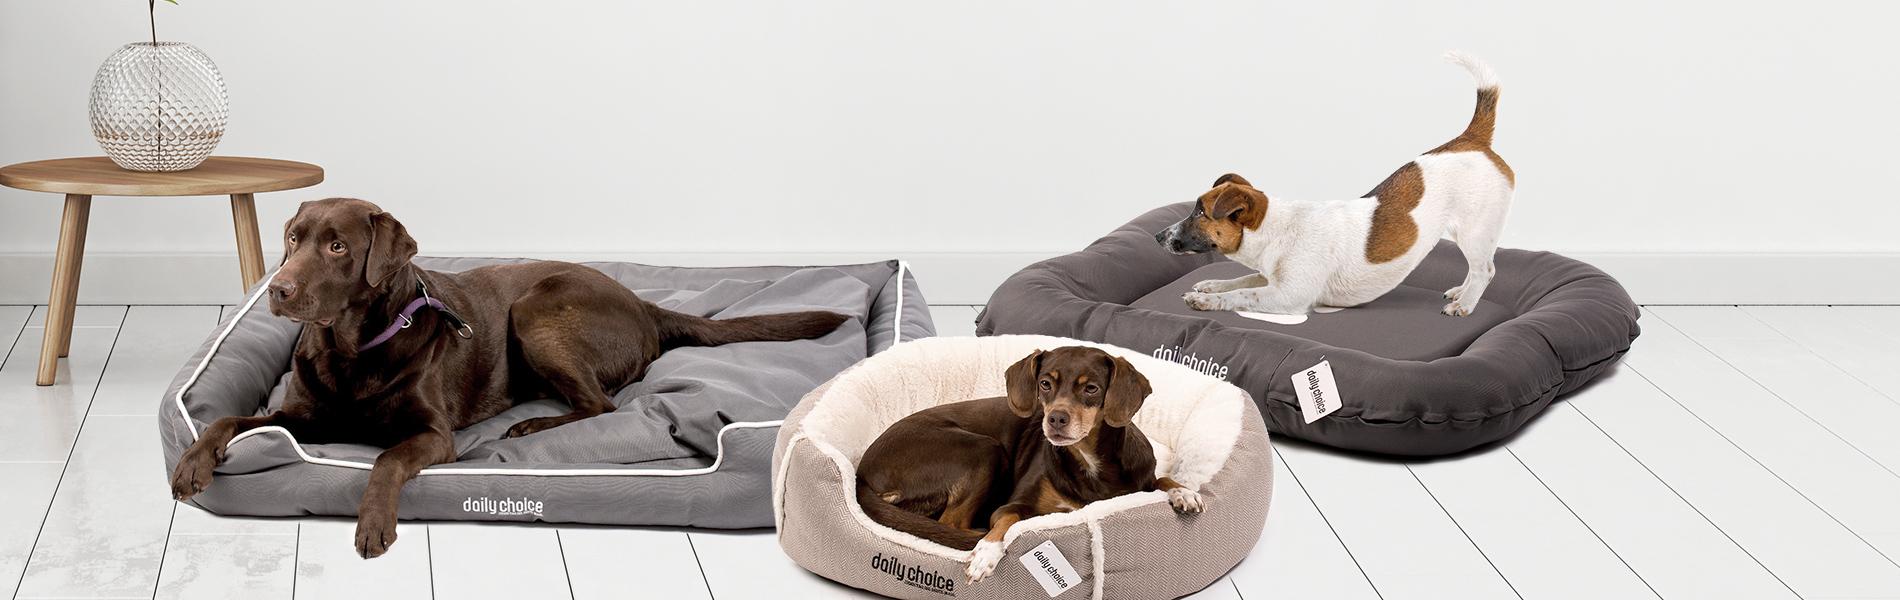 daily choice Hund Zubehör Hundebett Leinen Geschirr